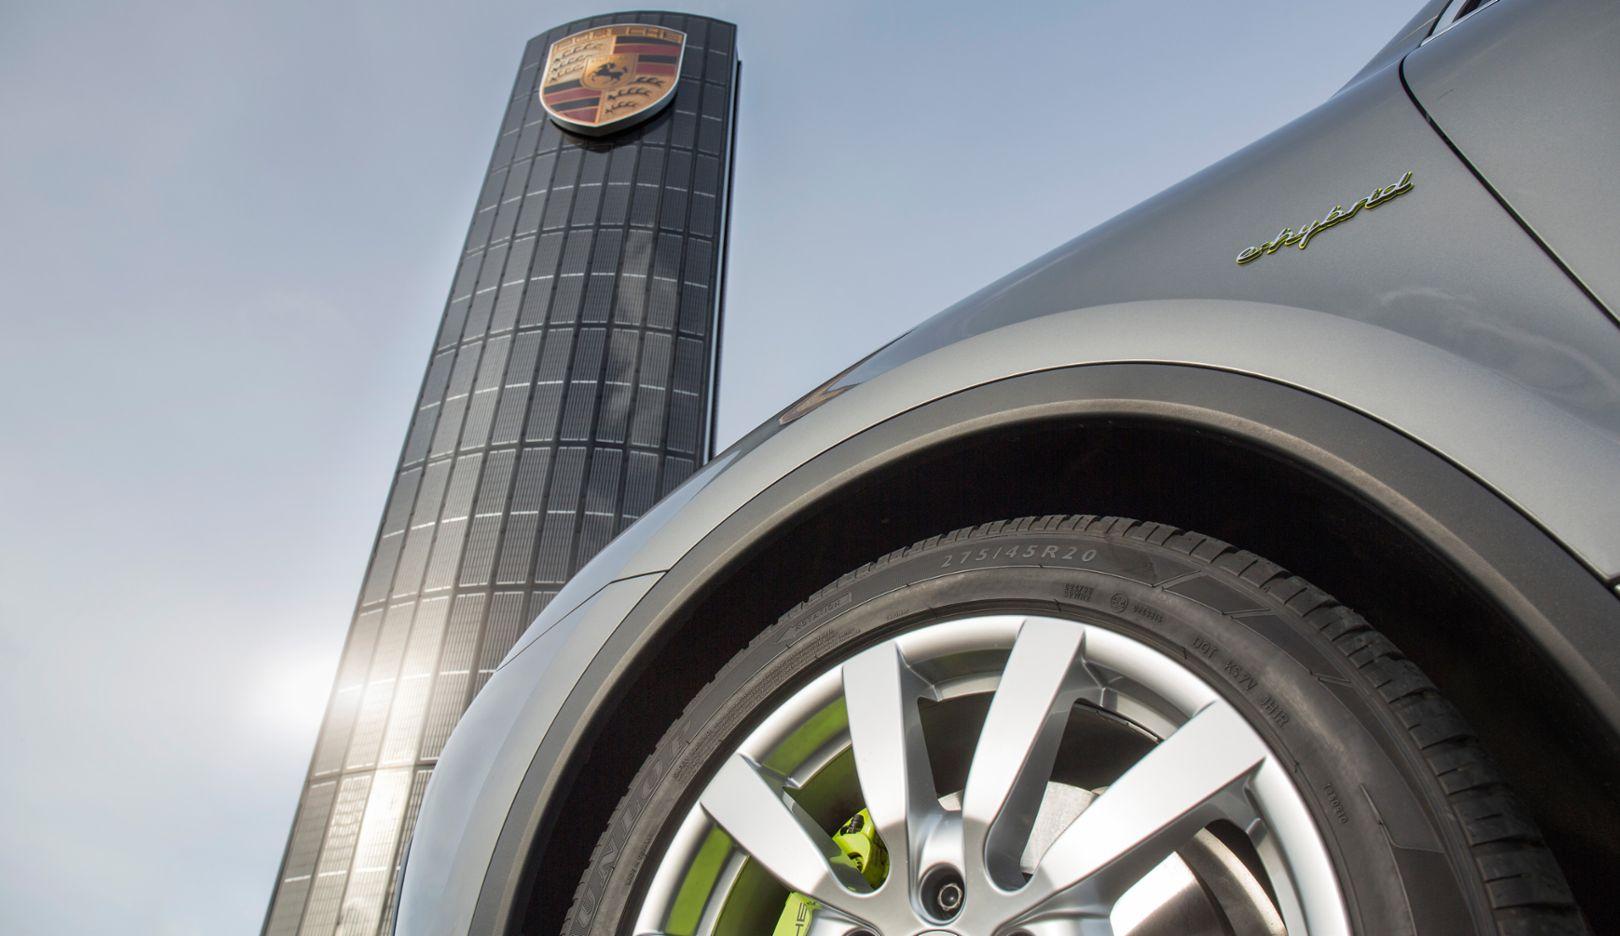 Porsche centre Berlin-Adlershof, Photovoltaik-Pylon, 2016, Porsche AG